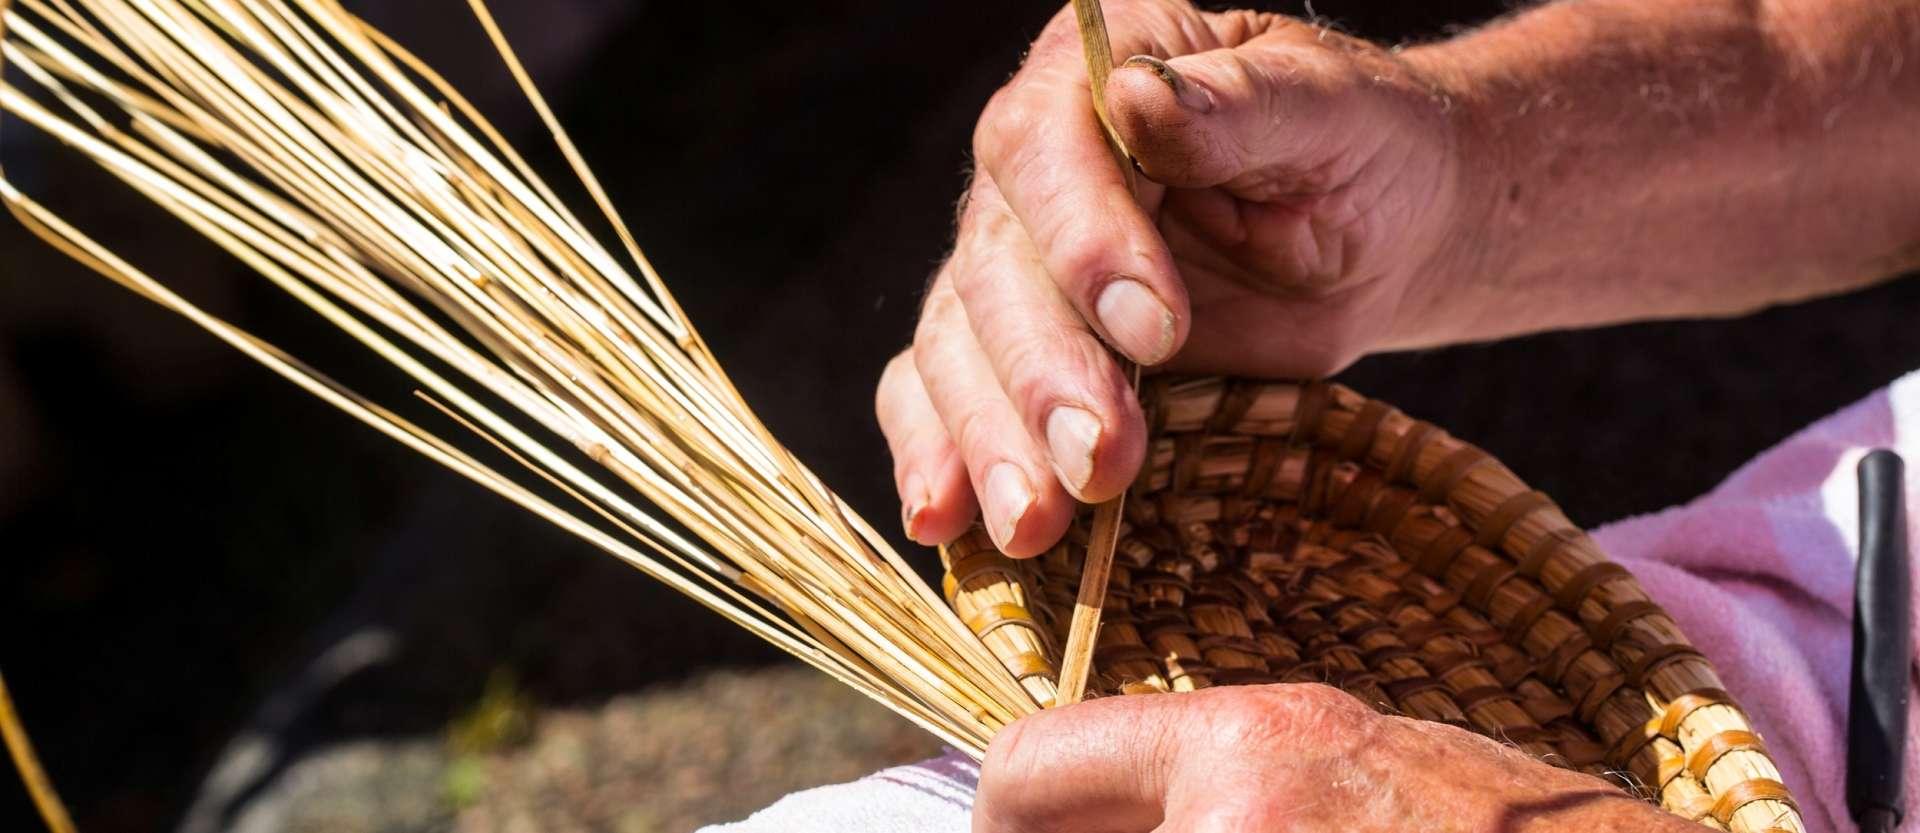 des-journees-thematiques-artisanat en combrailles